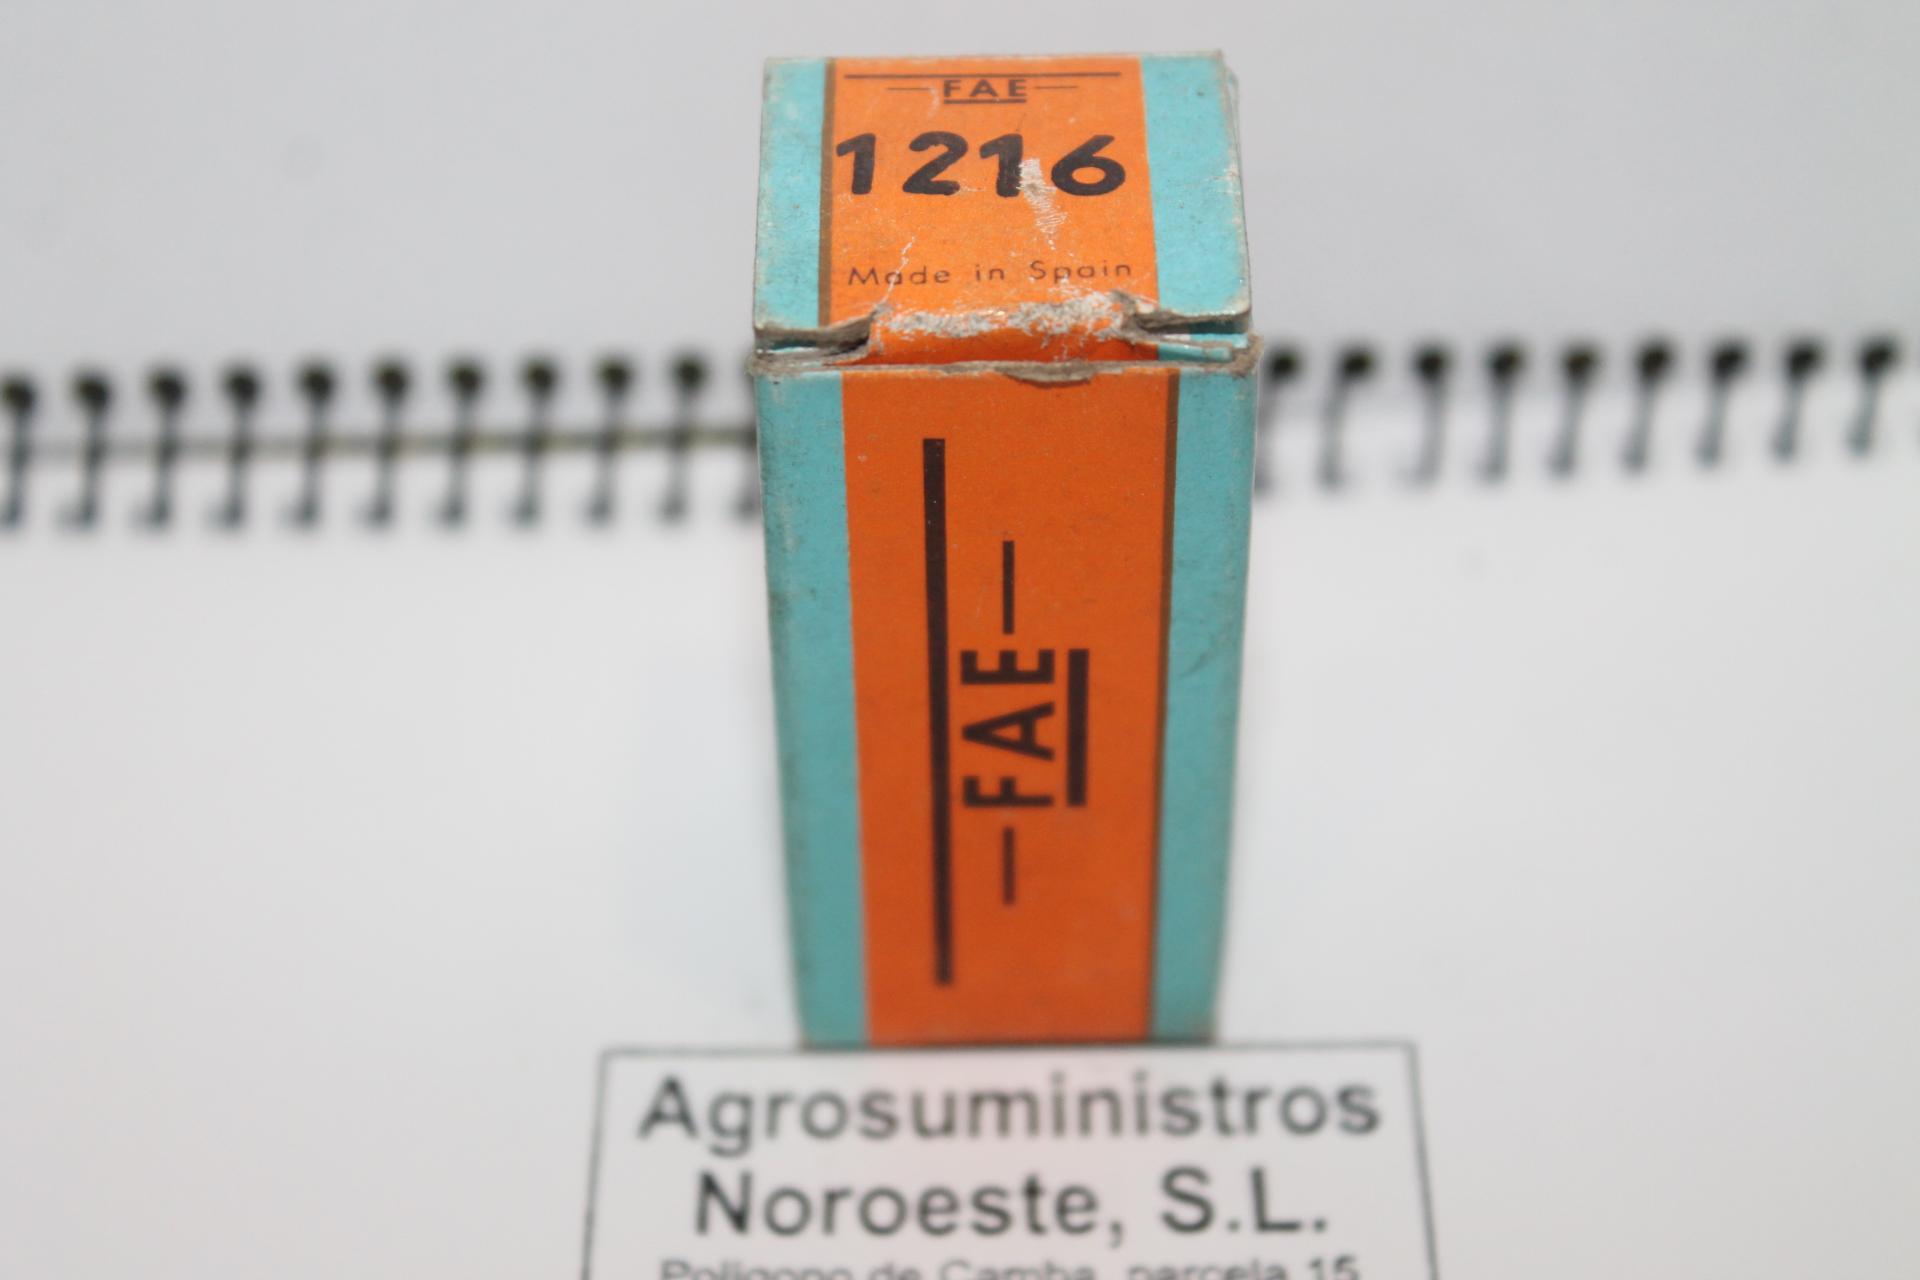 Manocontacto FAE 1216